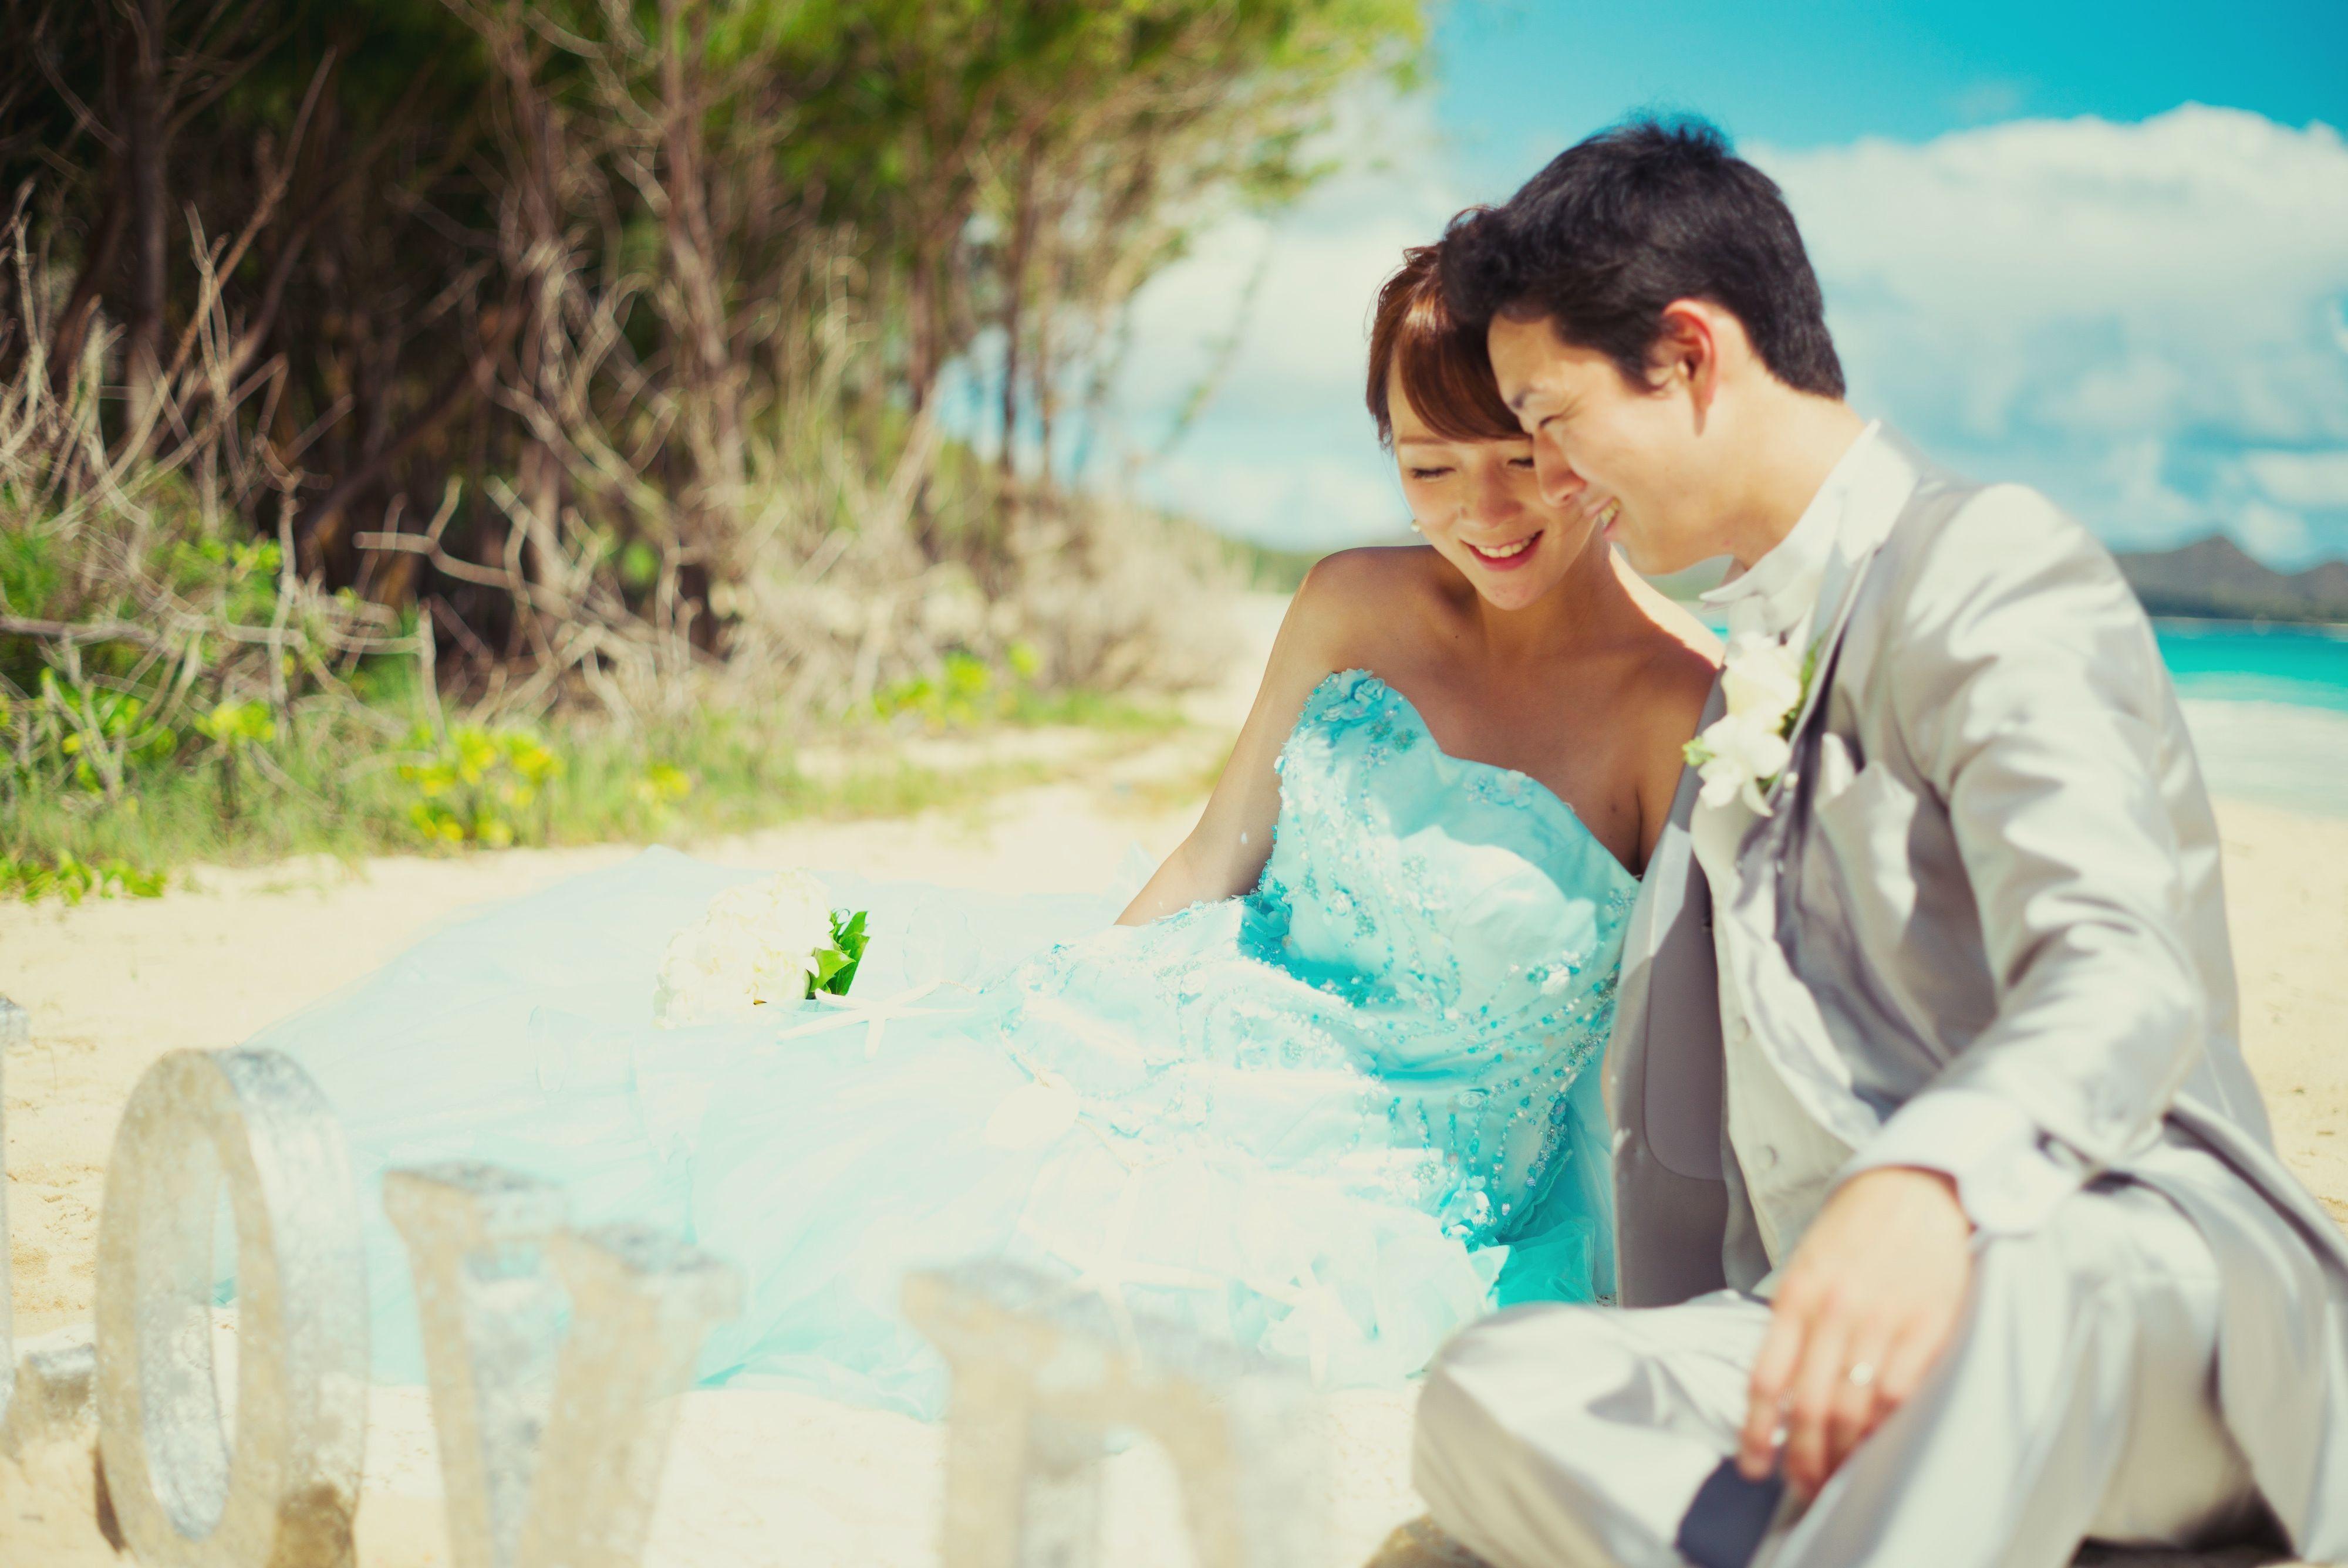 ビーチ挙式 二人だけの特別な景色を思い出に Waimanalo Waimanalo O O O O O O O Oo O 日本中のプレ花嫁さんと繋がりたい 全国のプレ花嫁さんと繋がり お嫁さん ウェディングフォト ハワイ ハワイ